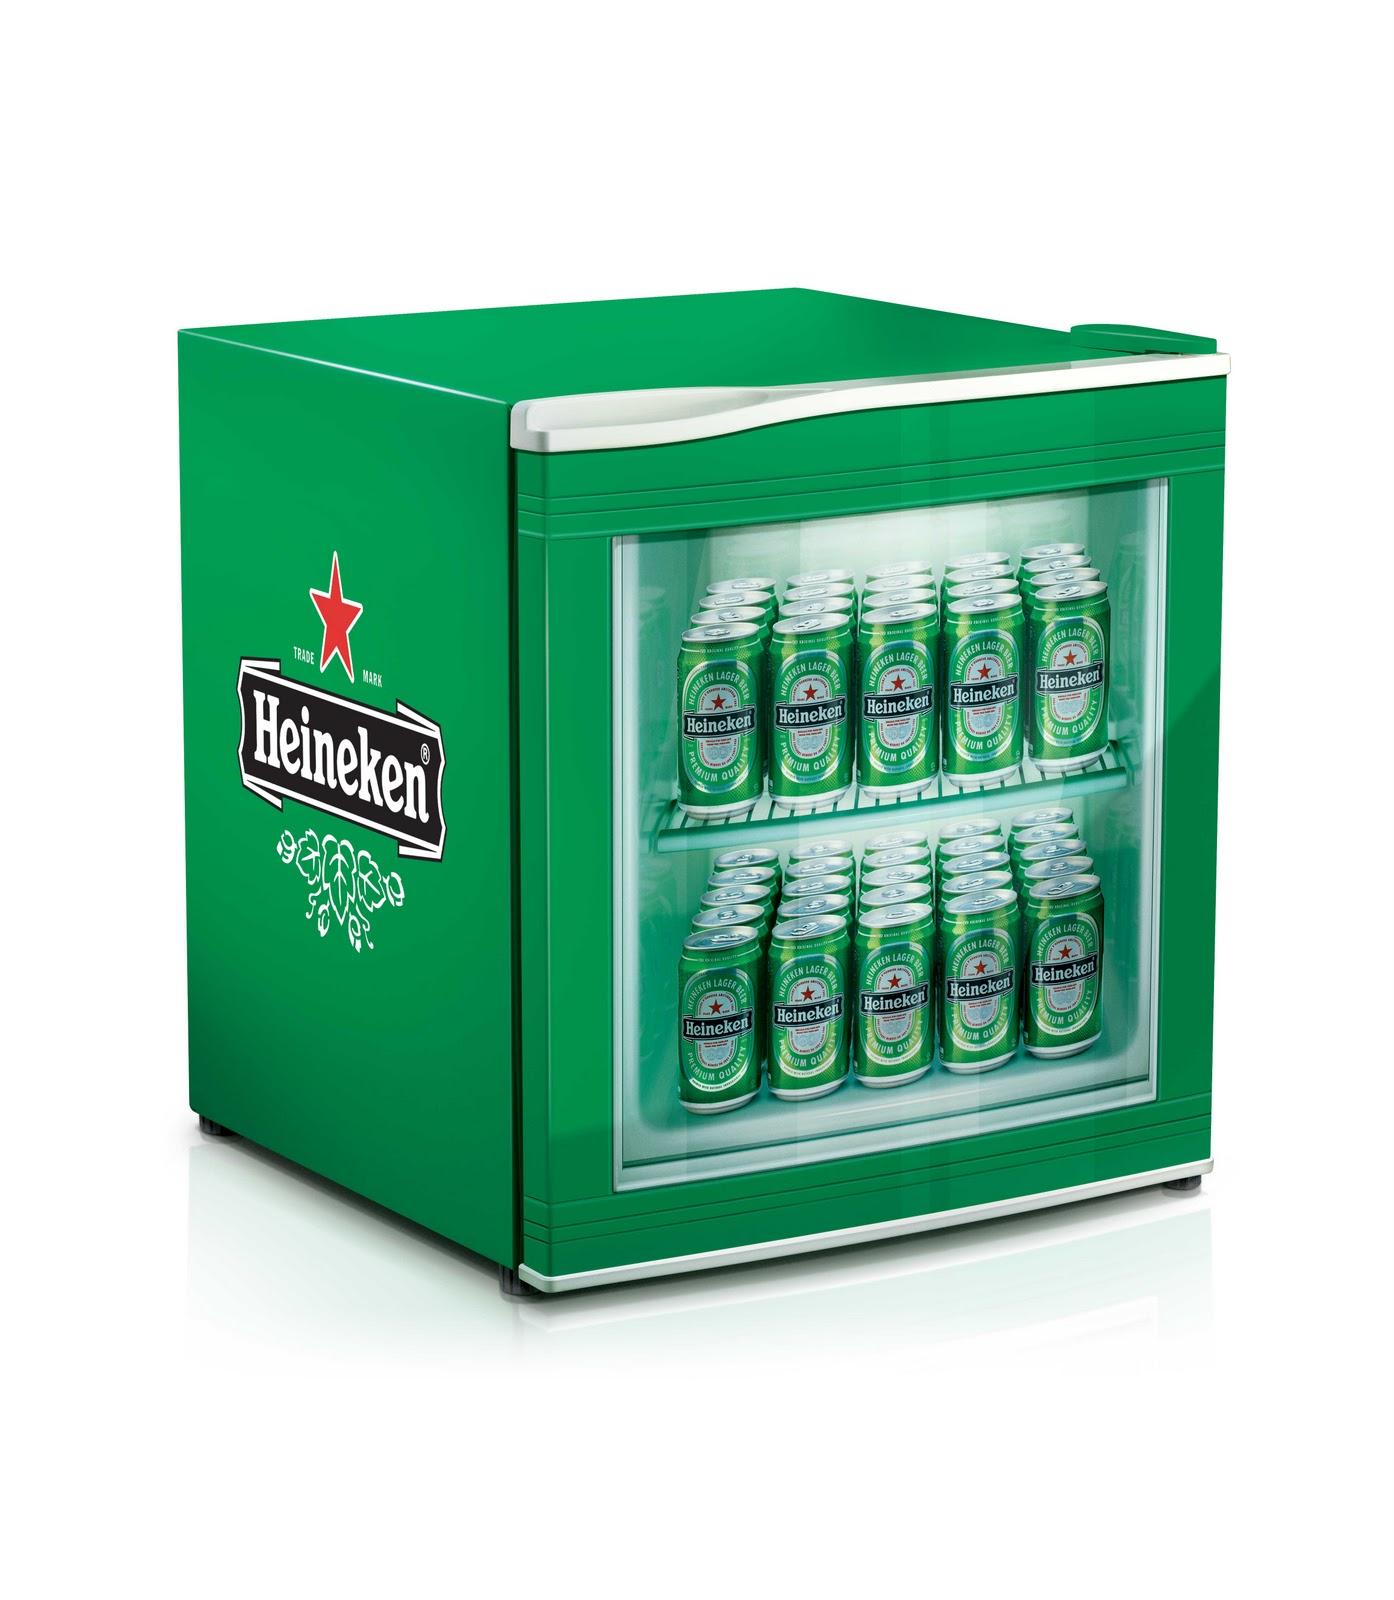 Neo Shiyi Heineken